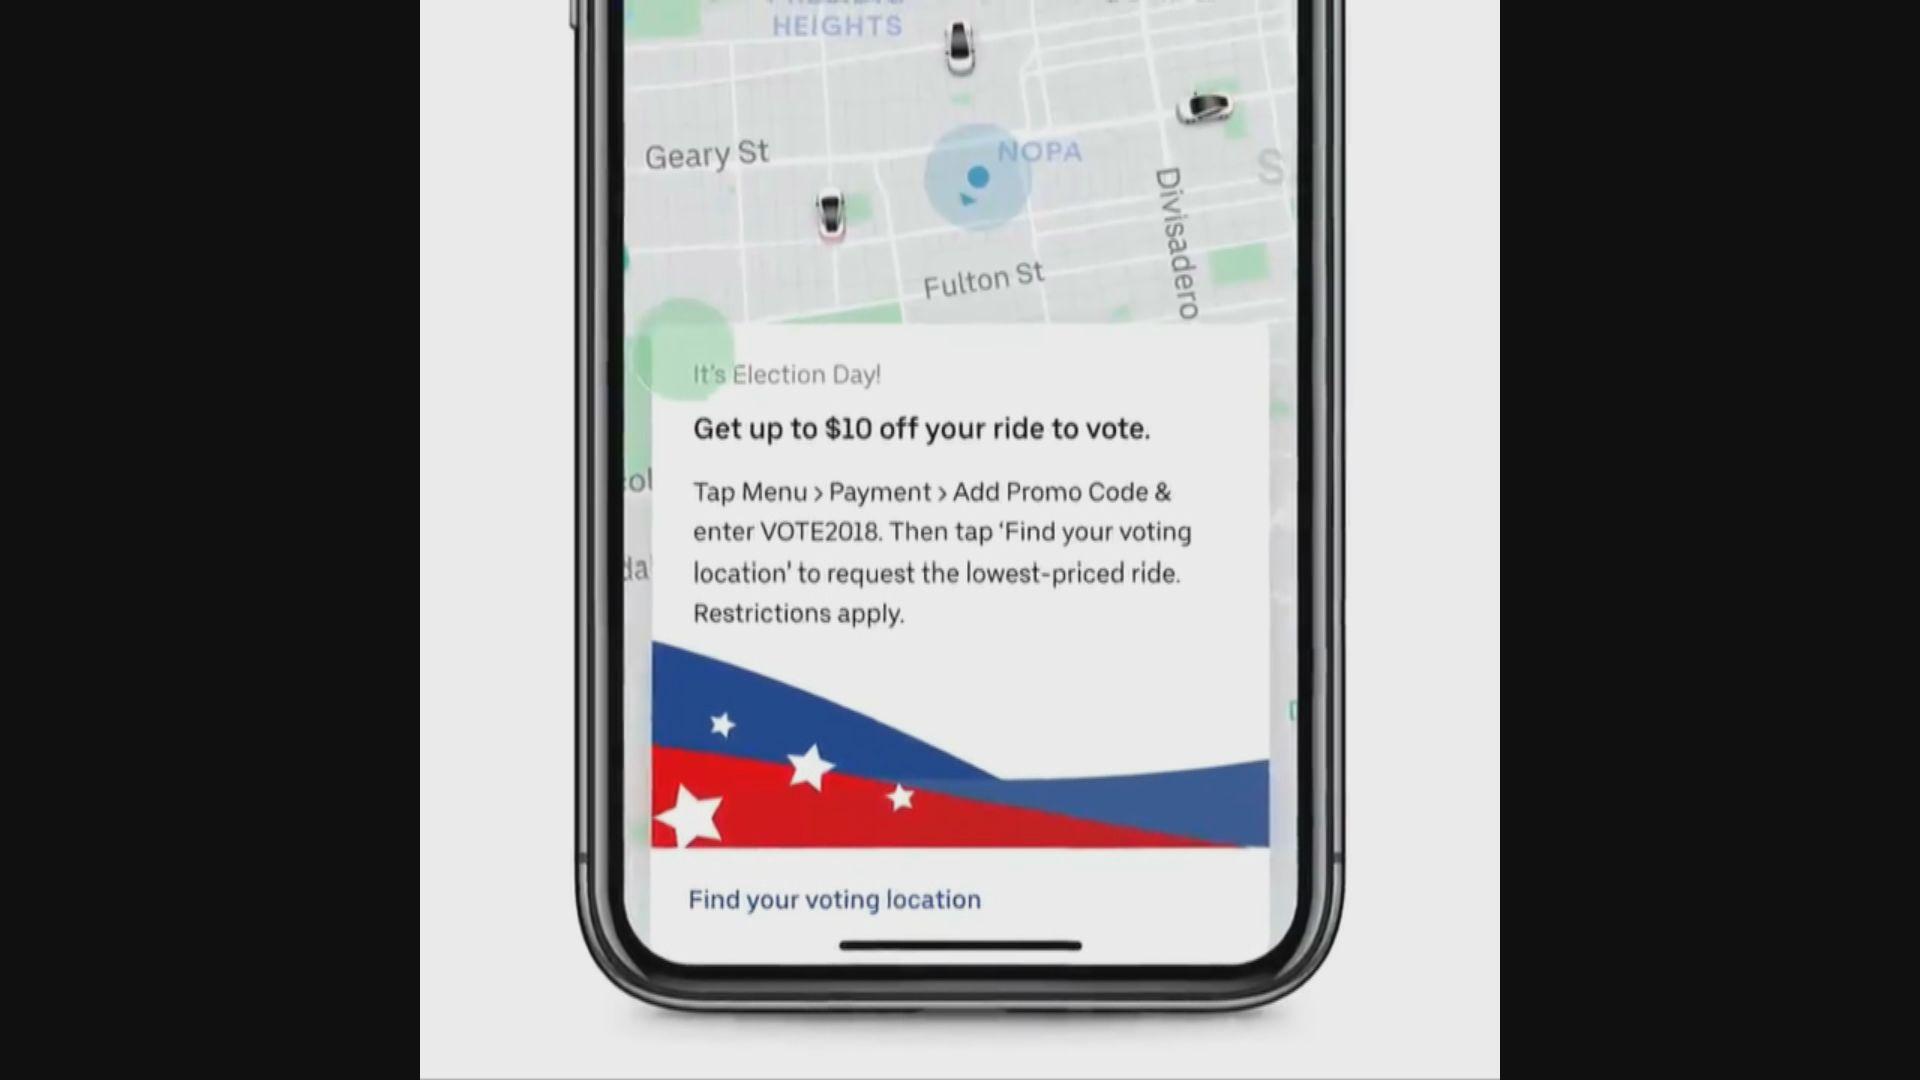 美國電召車及租車公司推優惠鼓勵民眾投票